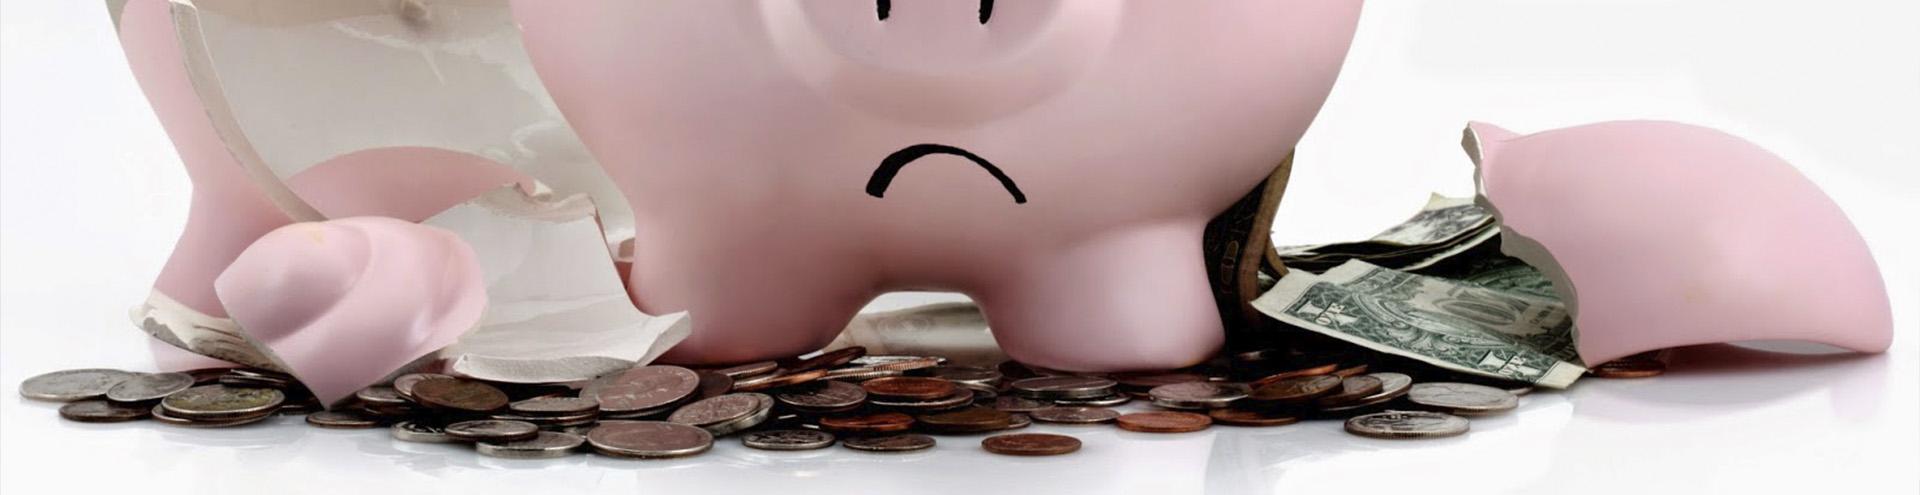 банкротство банка в Нижнем Новгороде и Нижегородской области